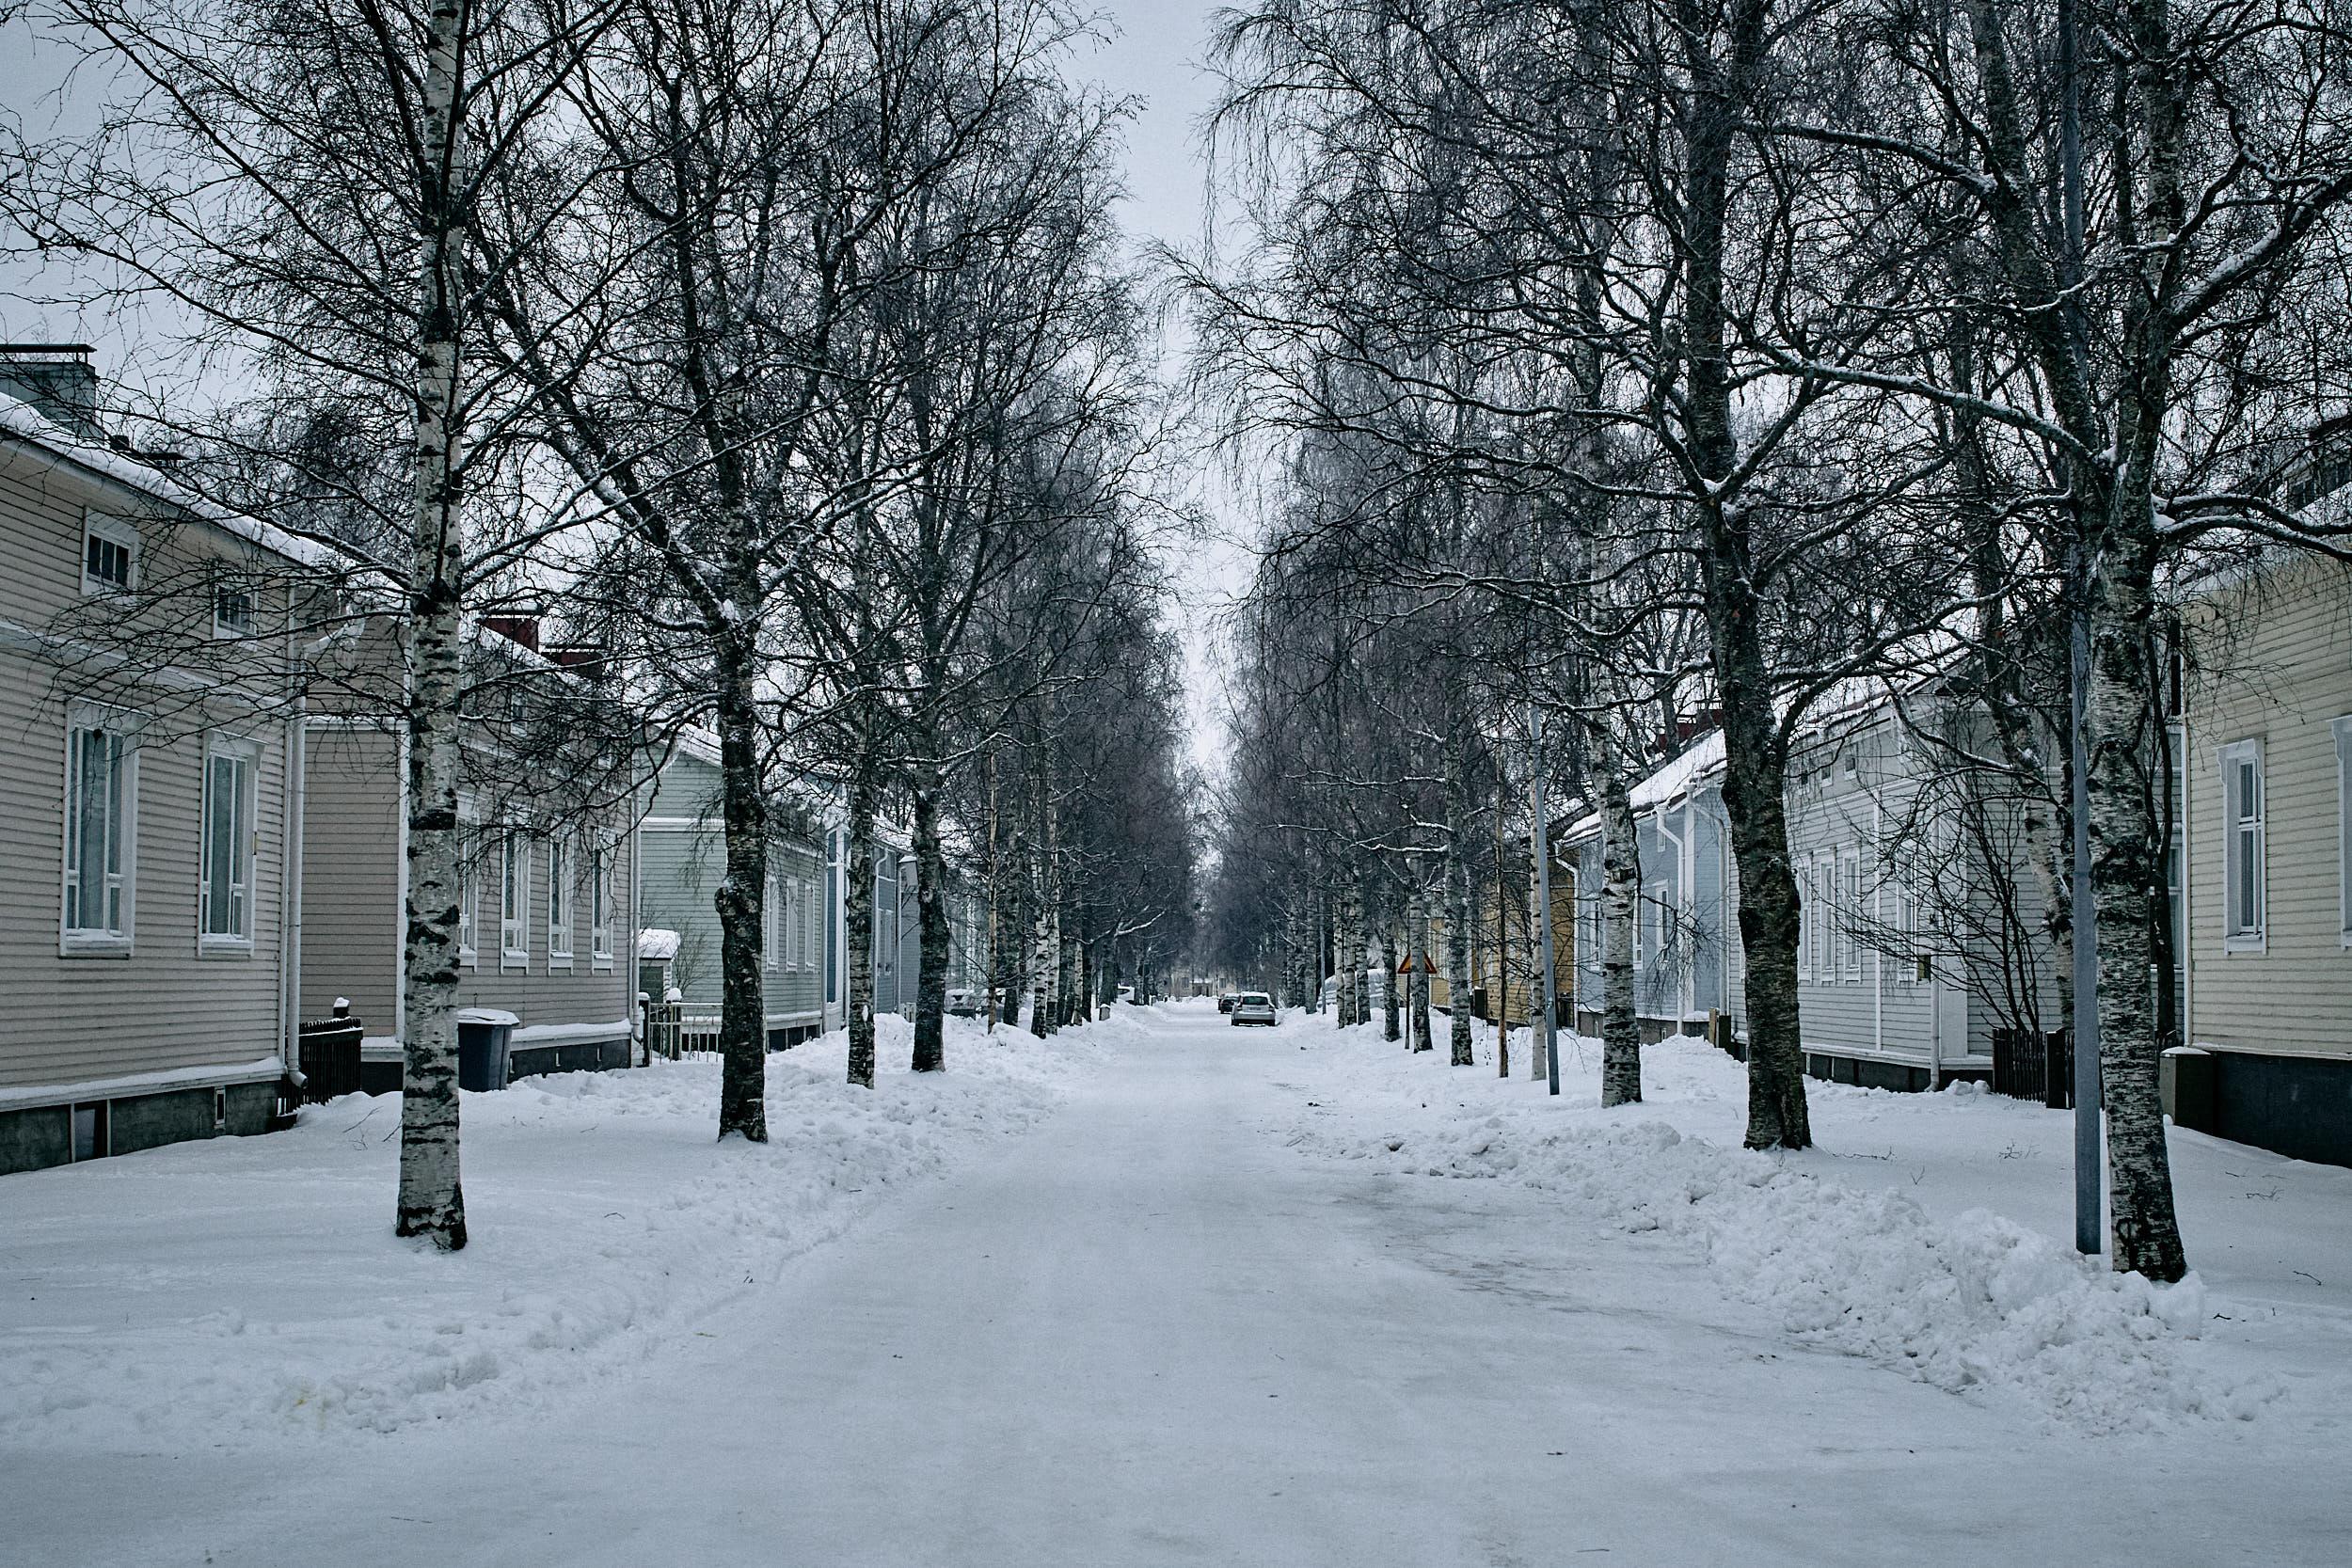 35 mm - 2019-01-05 11.31.51 - Oulu City.jpg